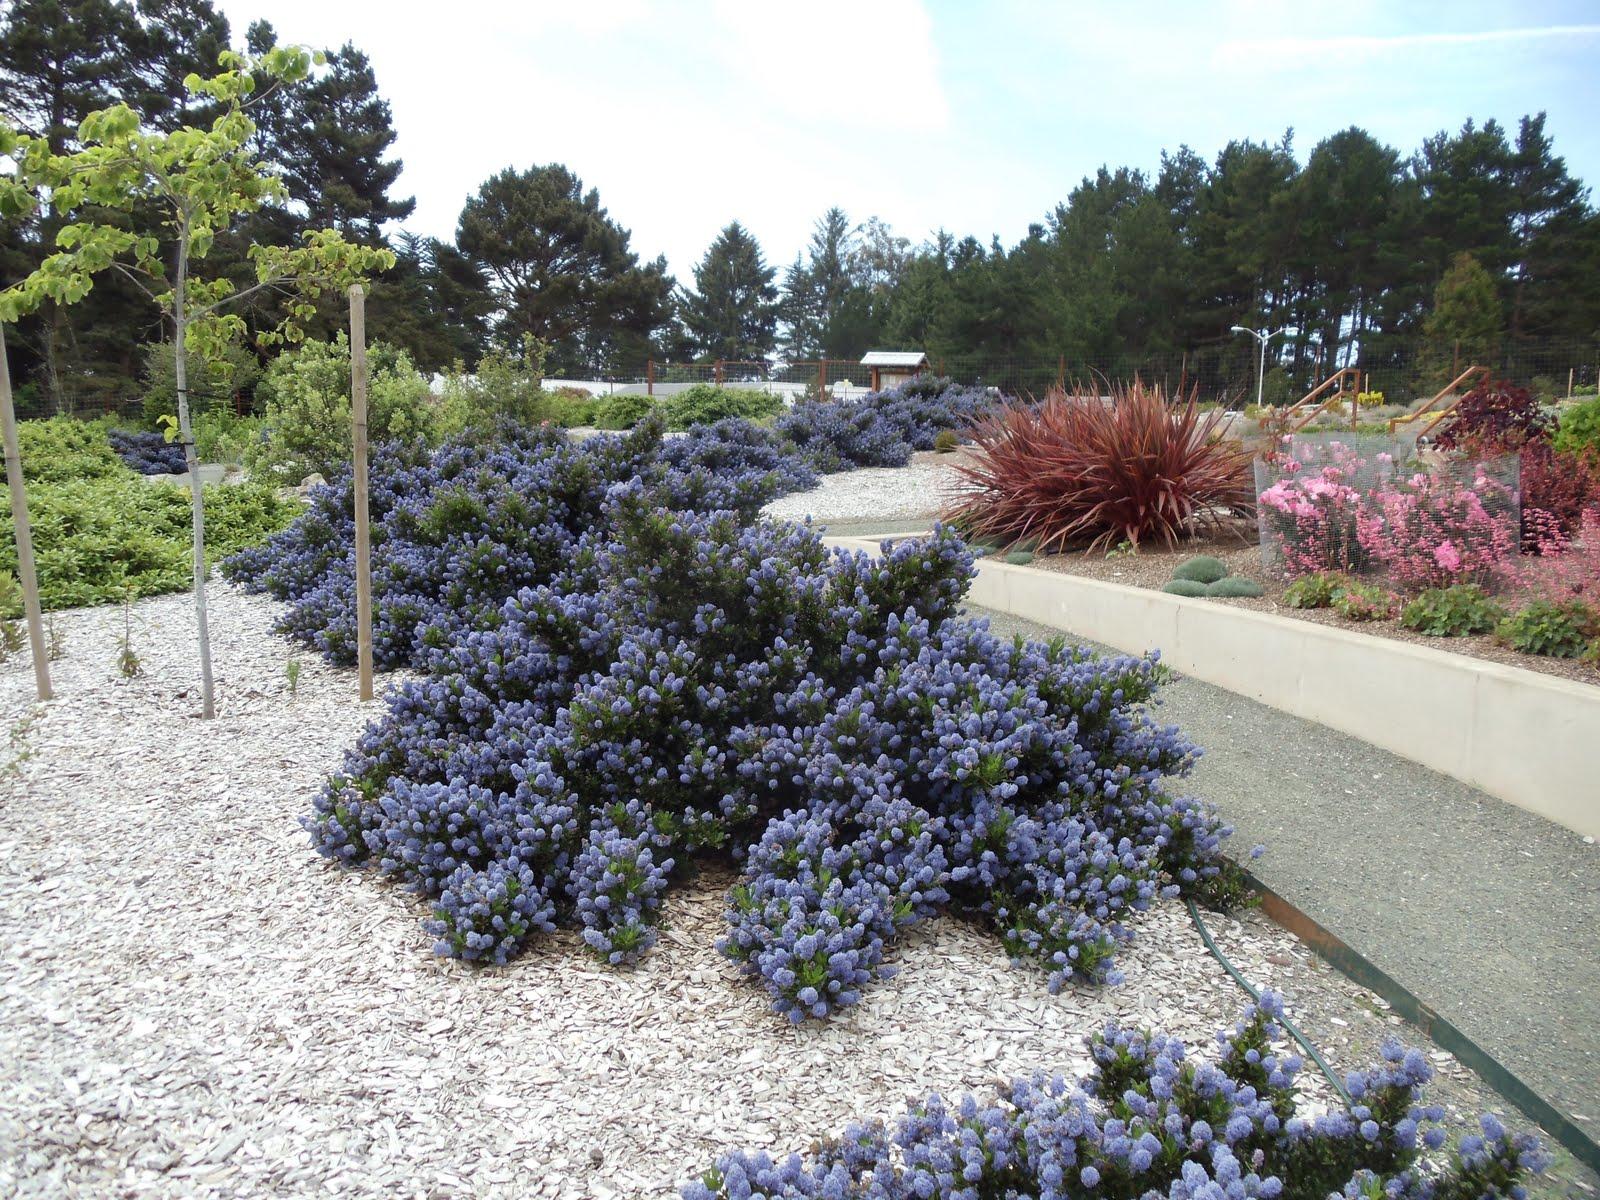 Landscapes gardens design humboldt botanical gardens lost for Botanical garden designs